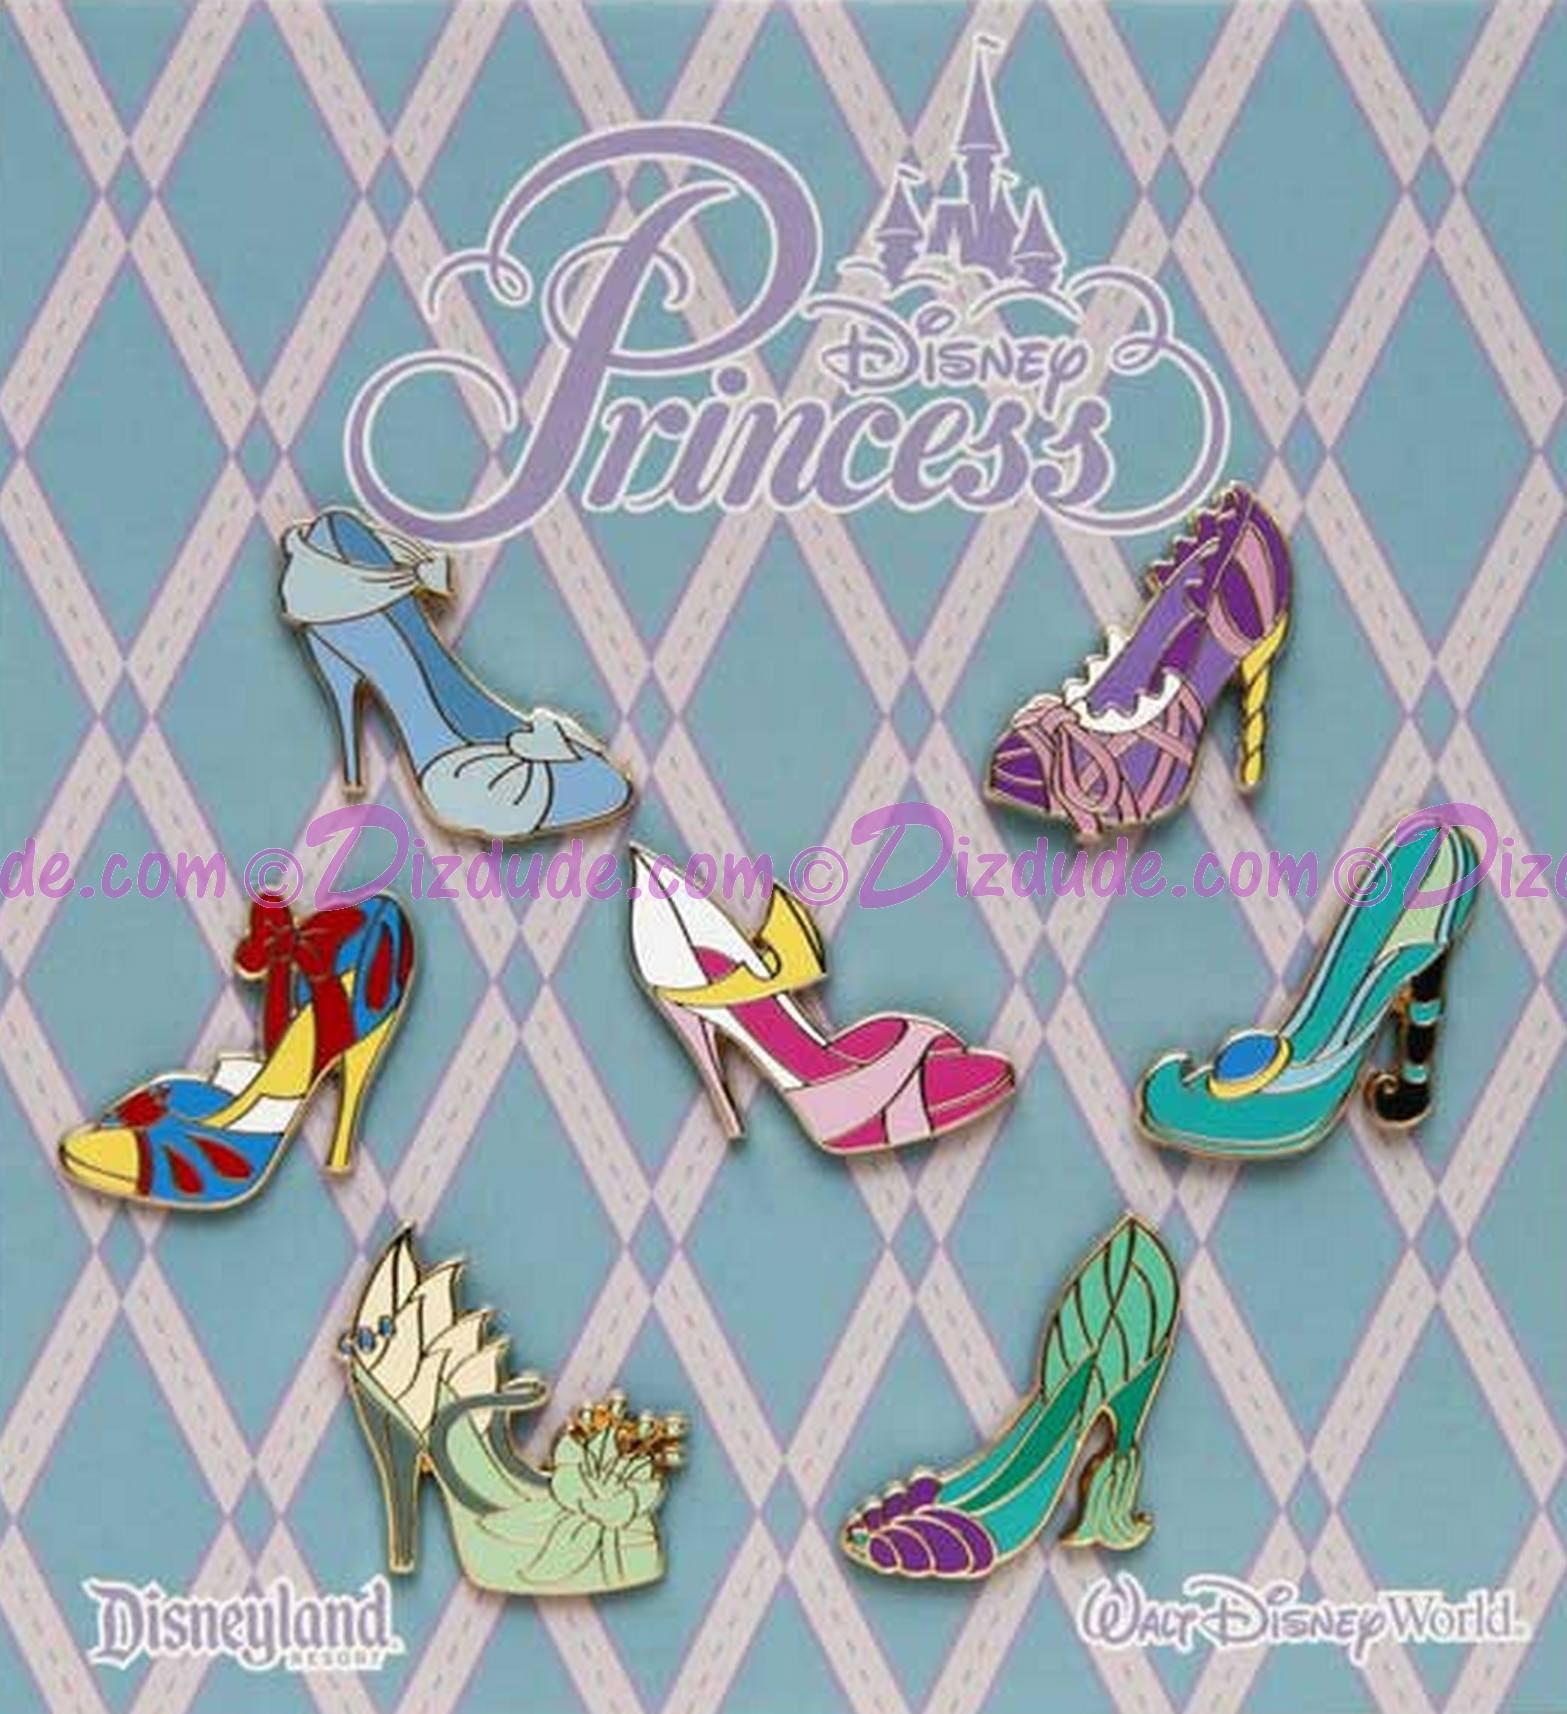 Disney Princesses Shoes Pin Set © Dizdude.com